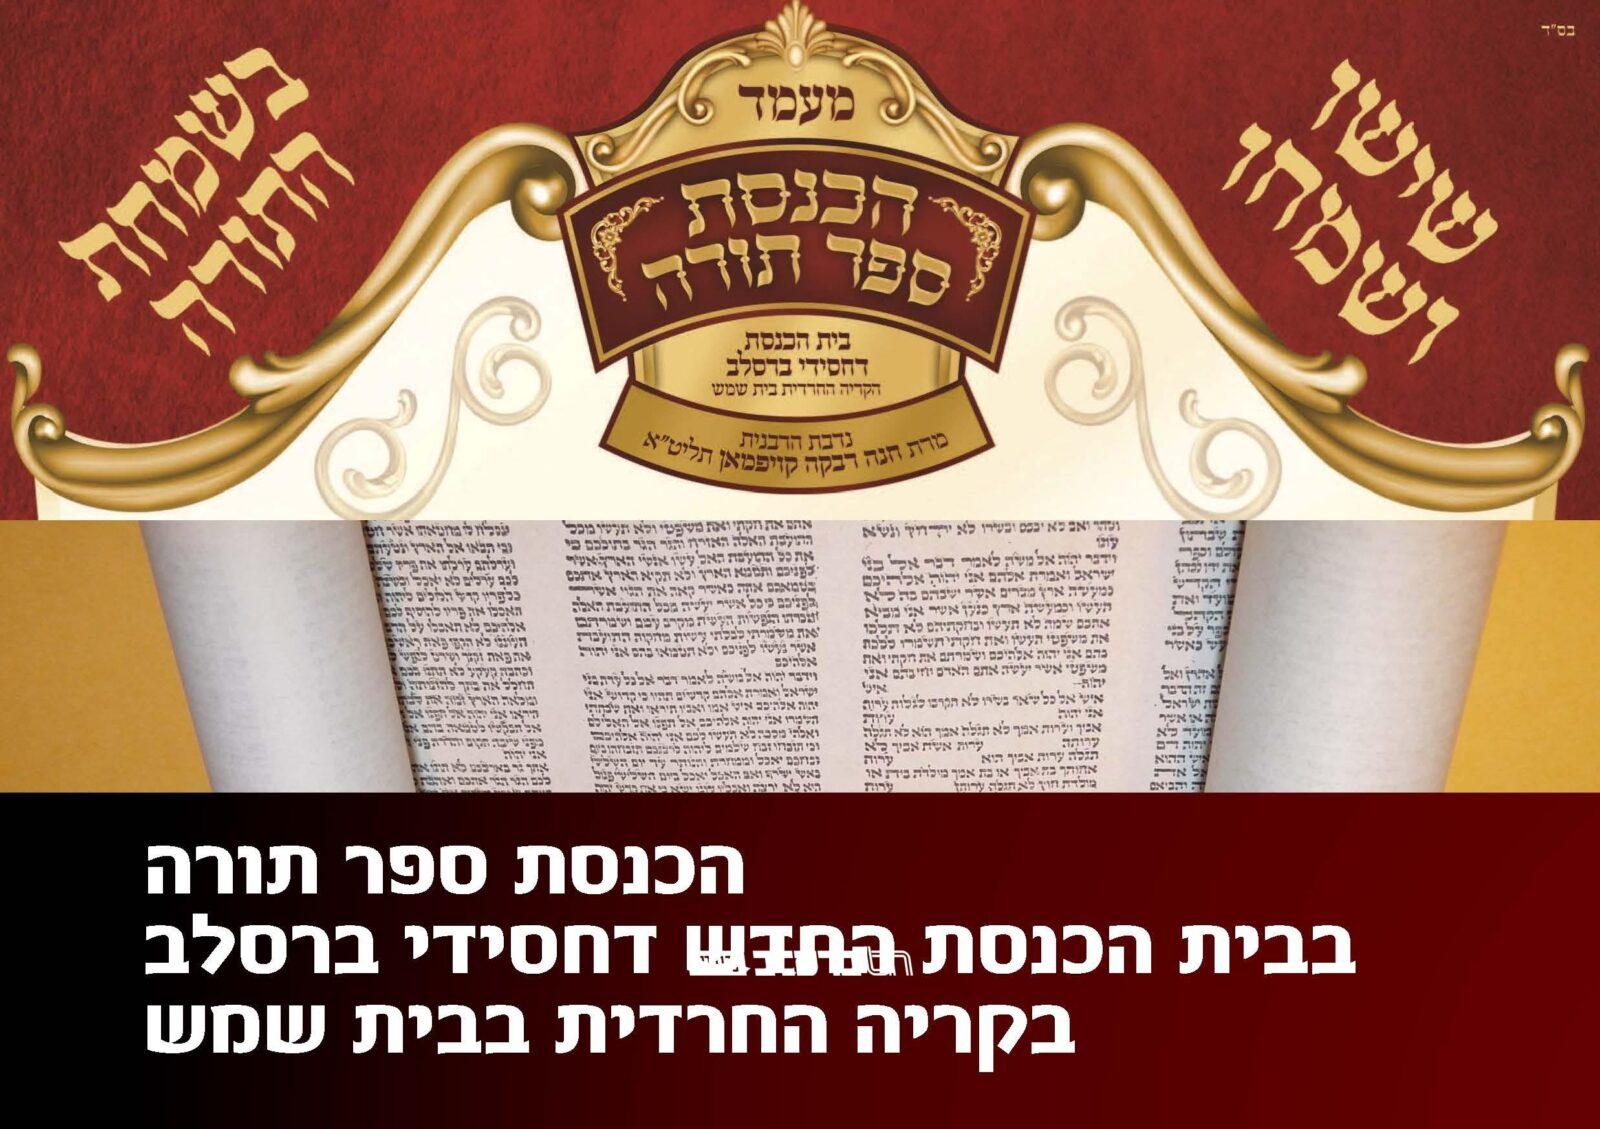 הכונו למעמד הכנסת ספר תורה בבית הכנסת דחסידי ברסלב בקריה החרדית בבית שמש